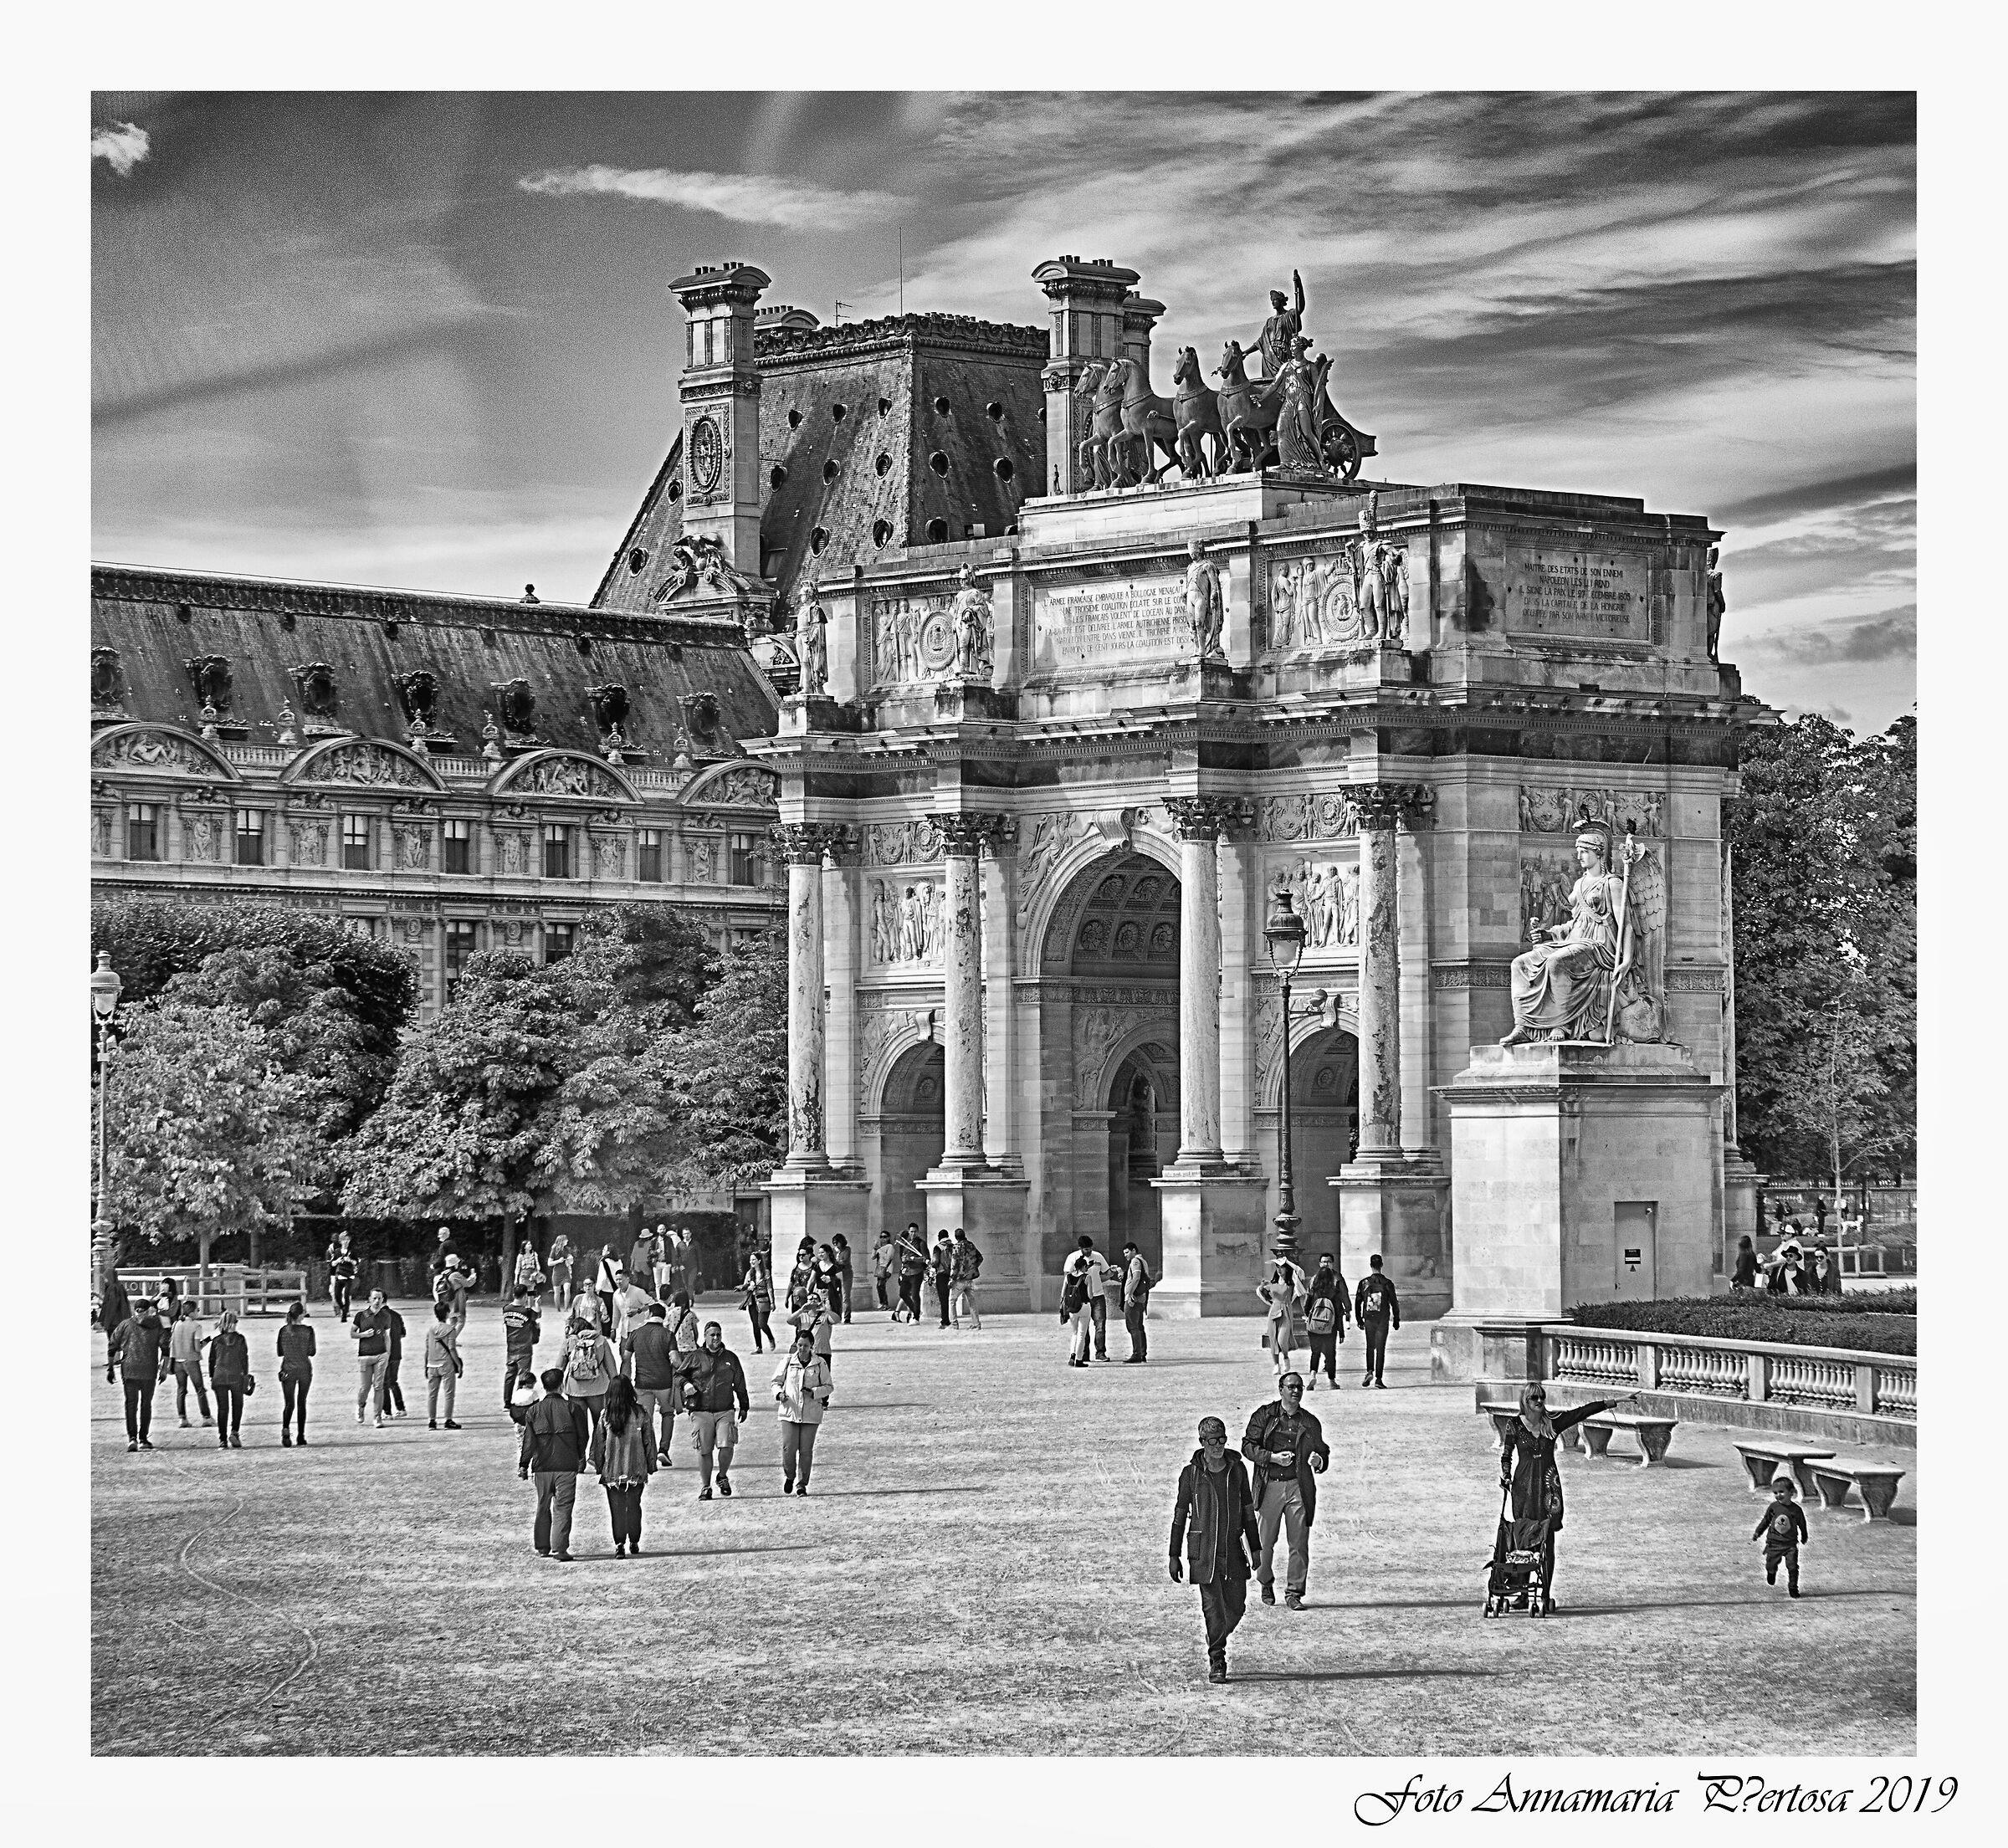 The Chariot's Arc de Triomphe...